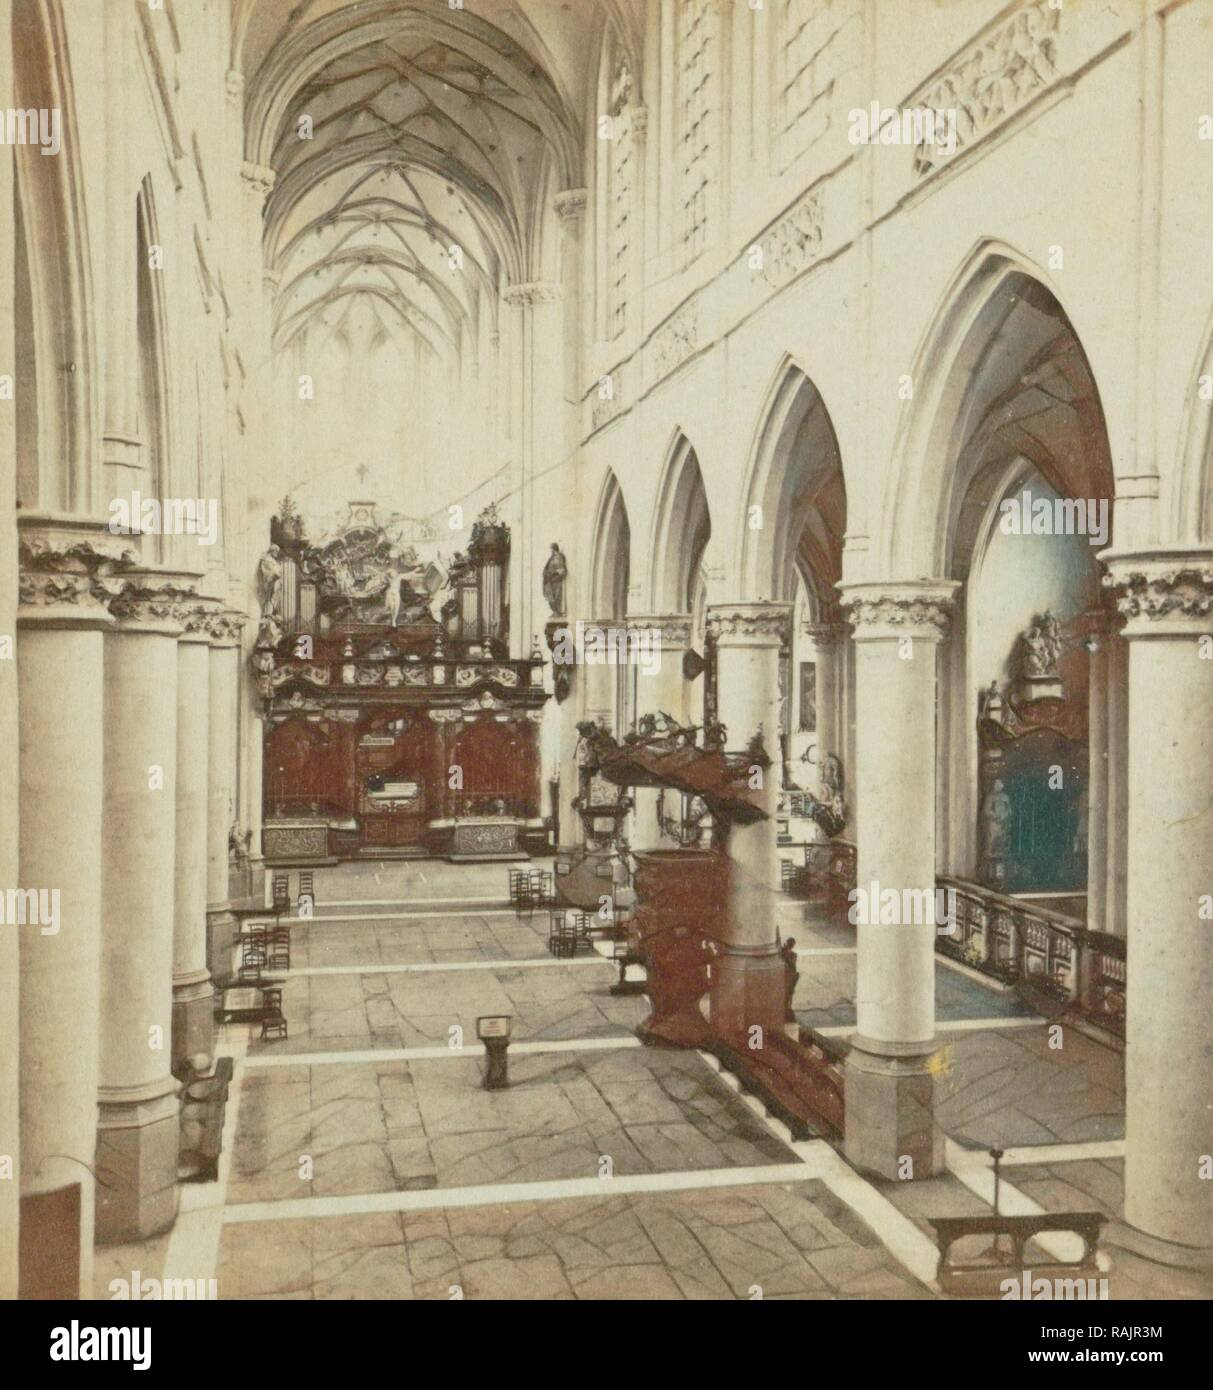 Liege, L'Eglise Saint-Jacques, vue interieure prise de l'orgue. Jules Queval, 1860 - 1880. Reimagined - Stock Image